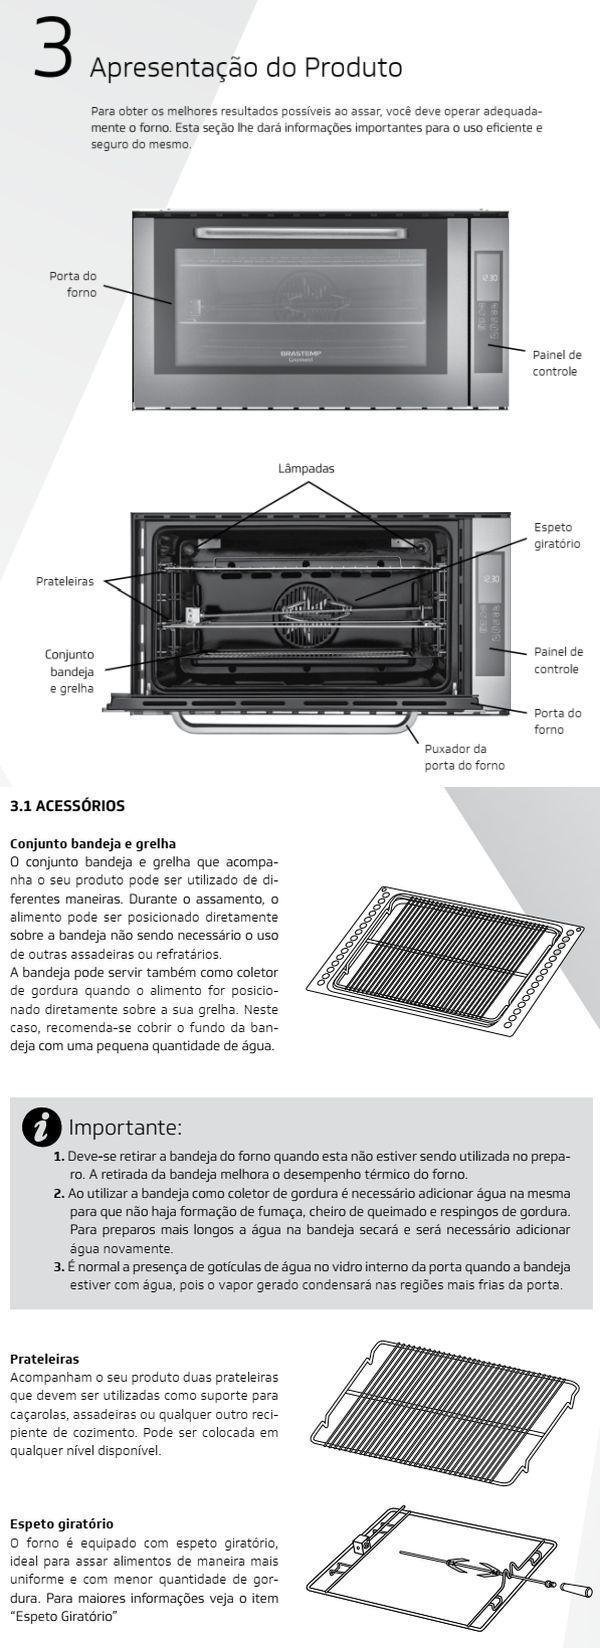 Forno elétrico Brastemp BOC90 - conhecendo produto 1